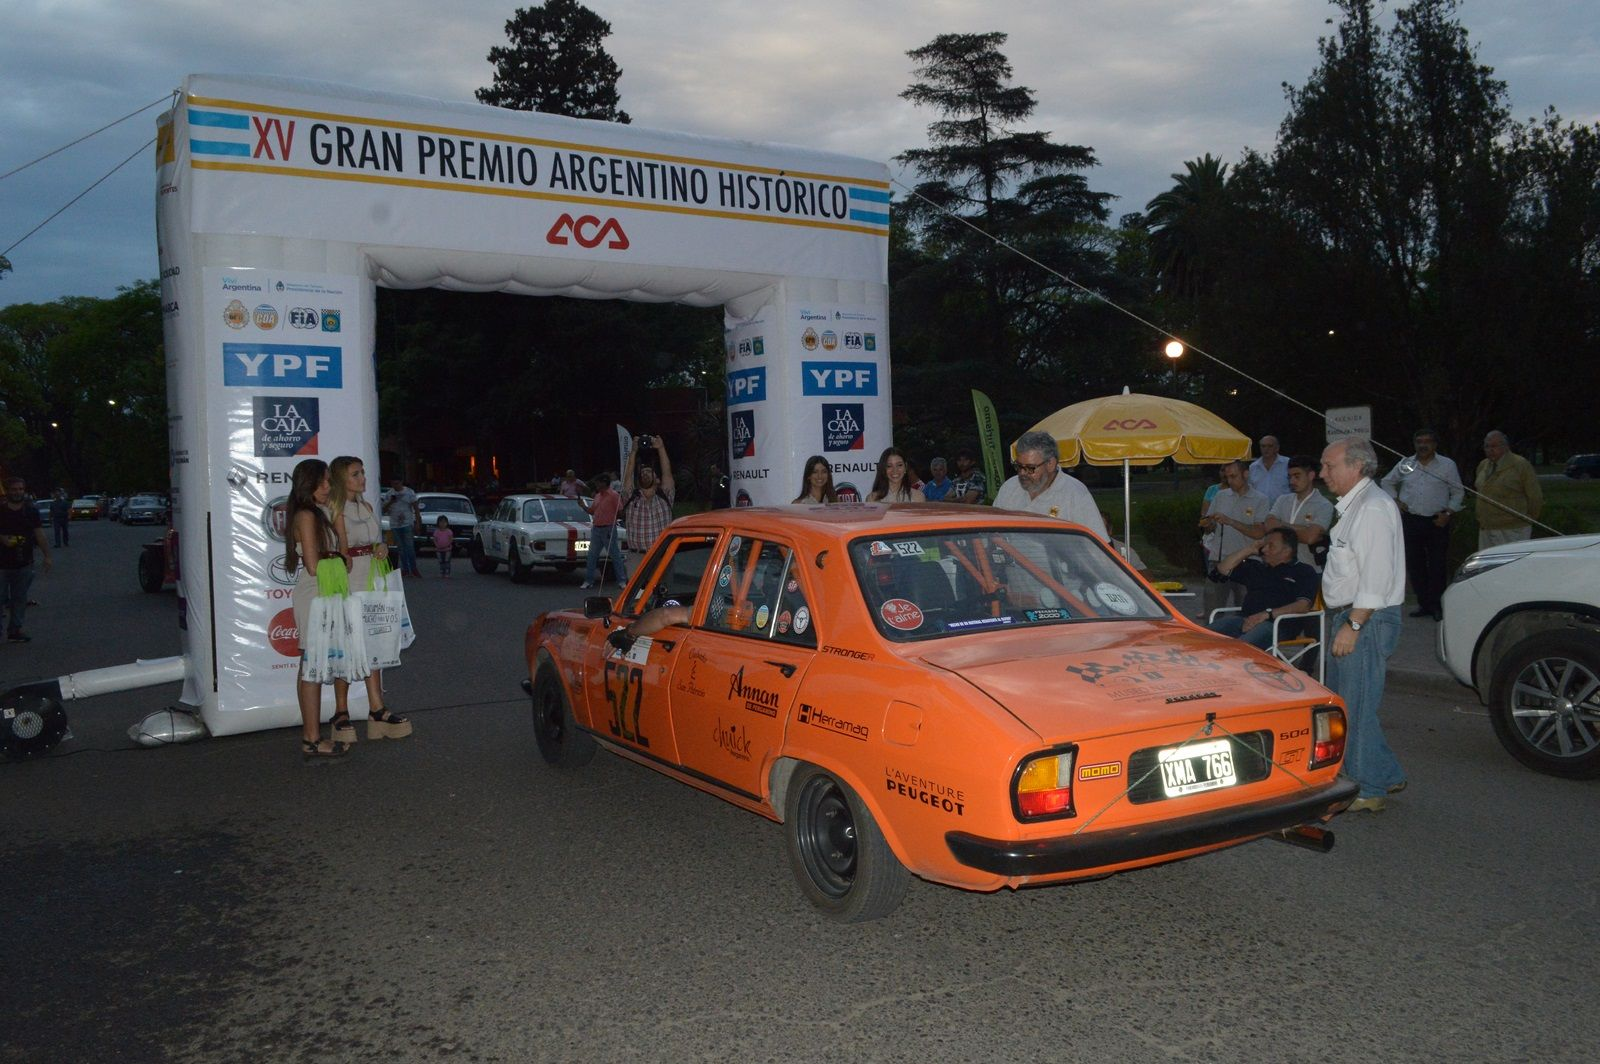 Arco llegada en SM Tucumán